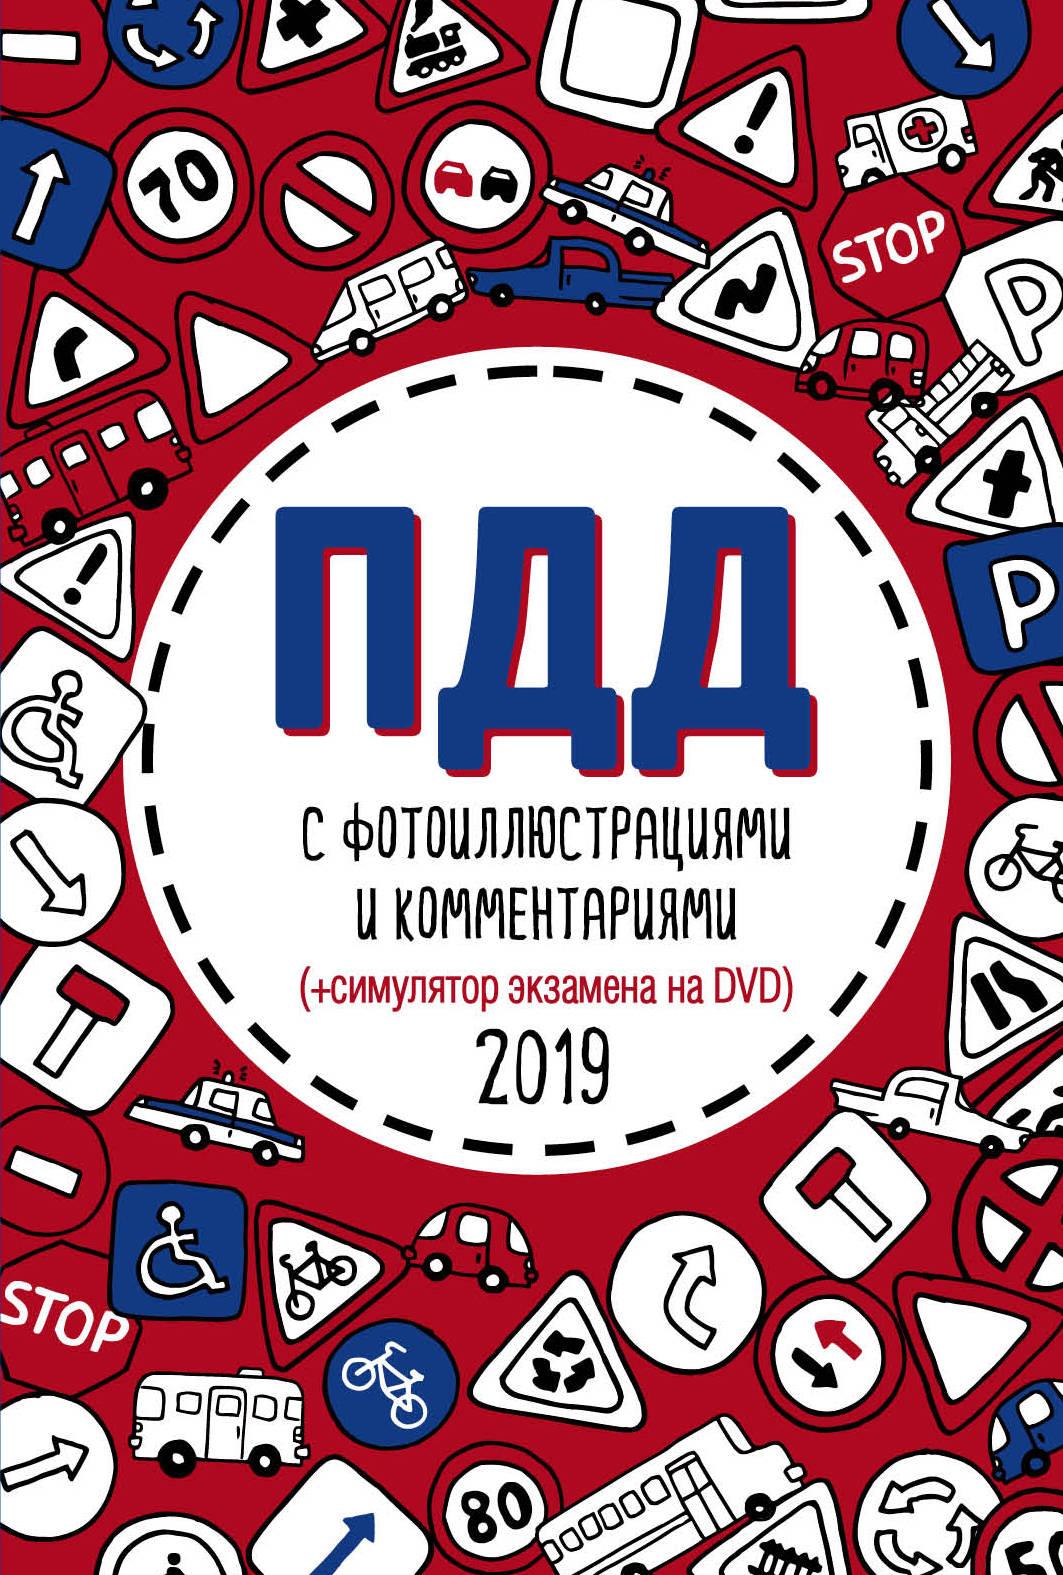 ПДД 2019 с фотоиллюстрациями и комментариями (+ симулятор экзамена на DVD)